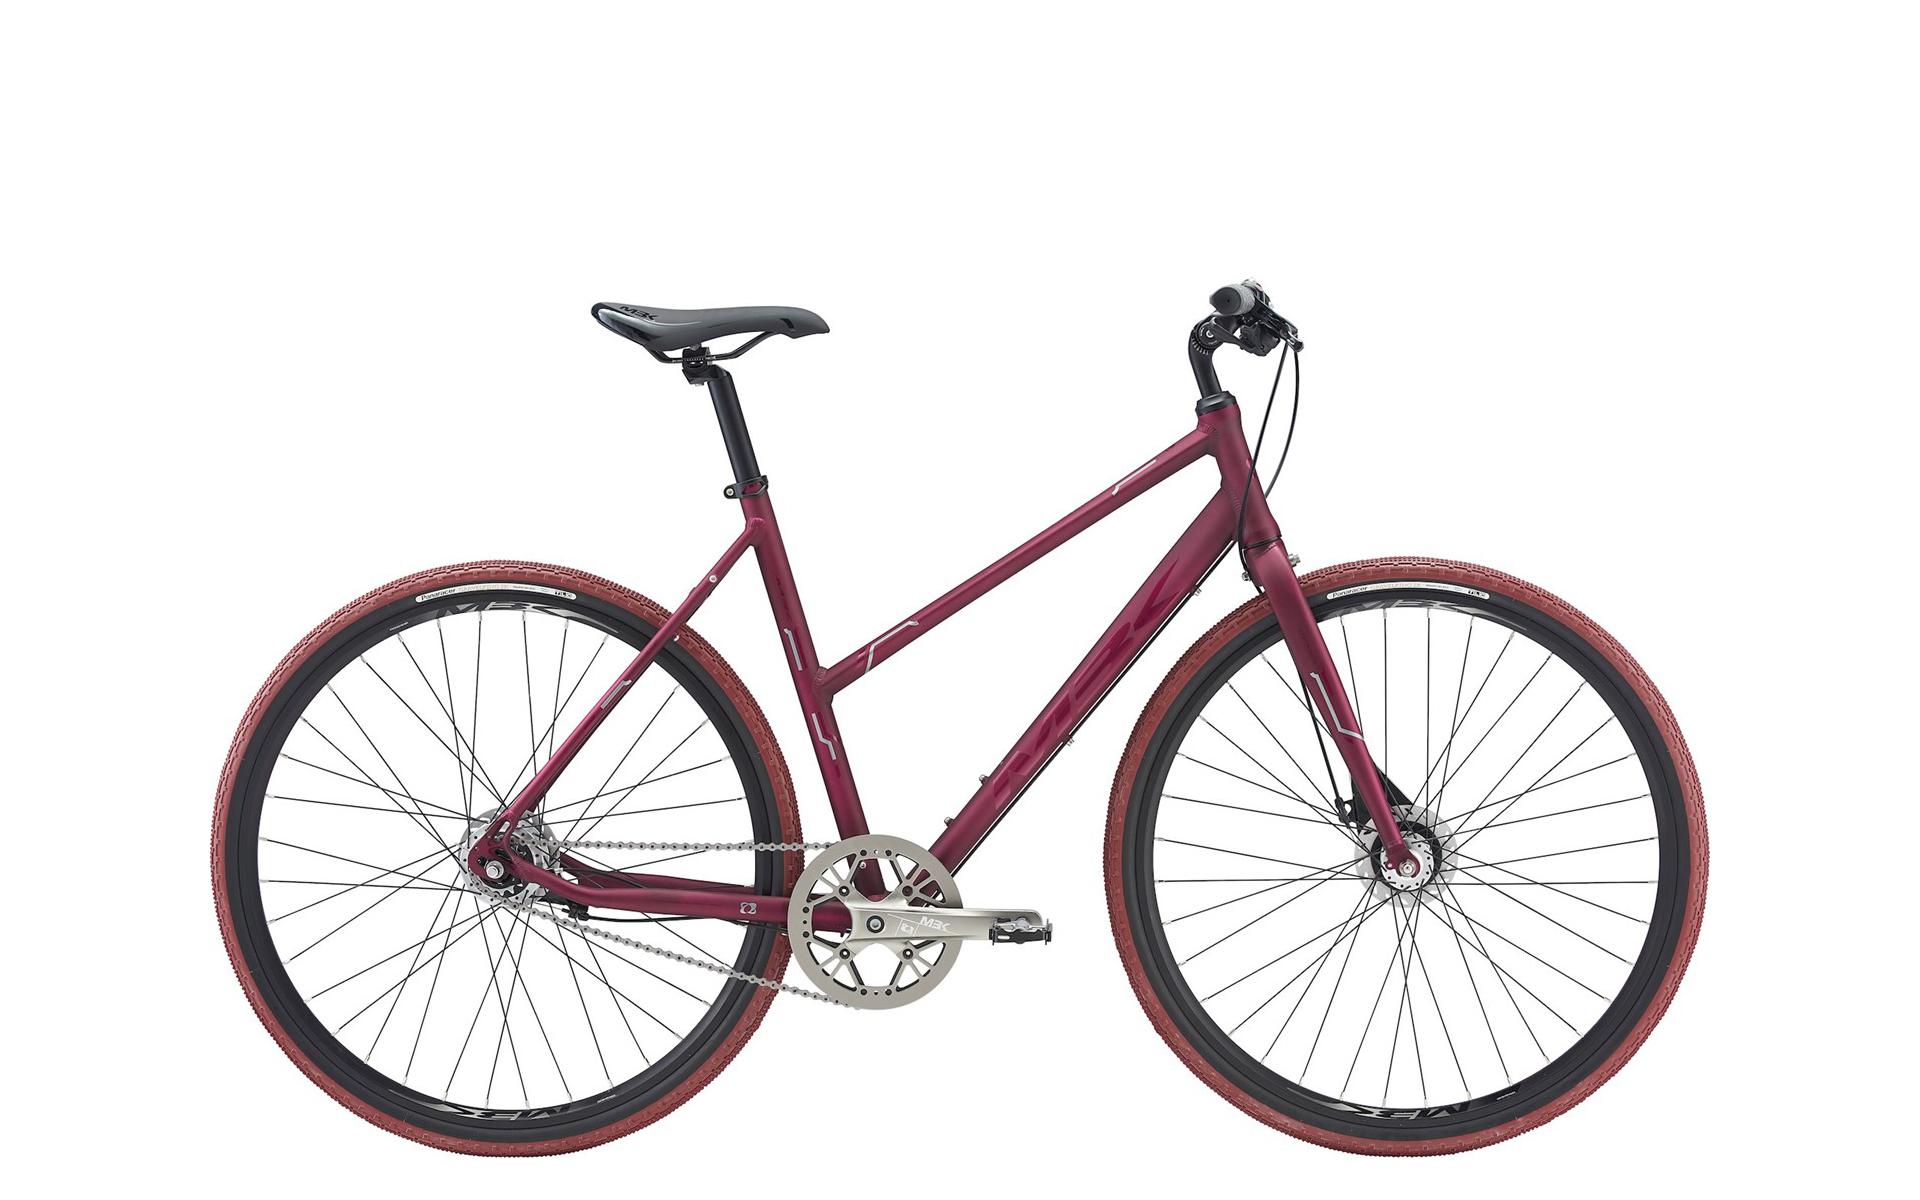 MBK cykel